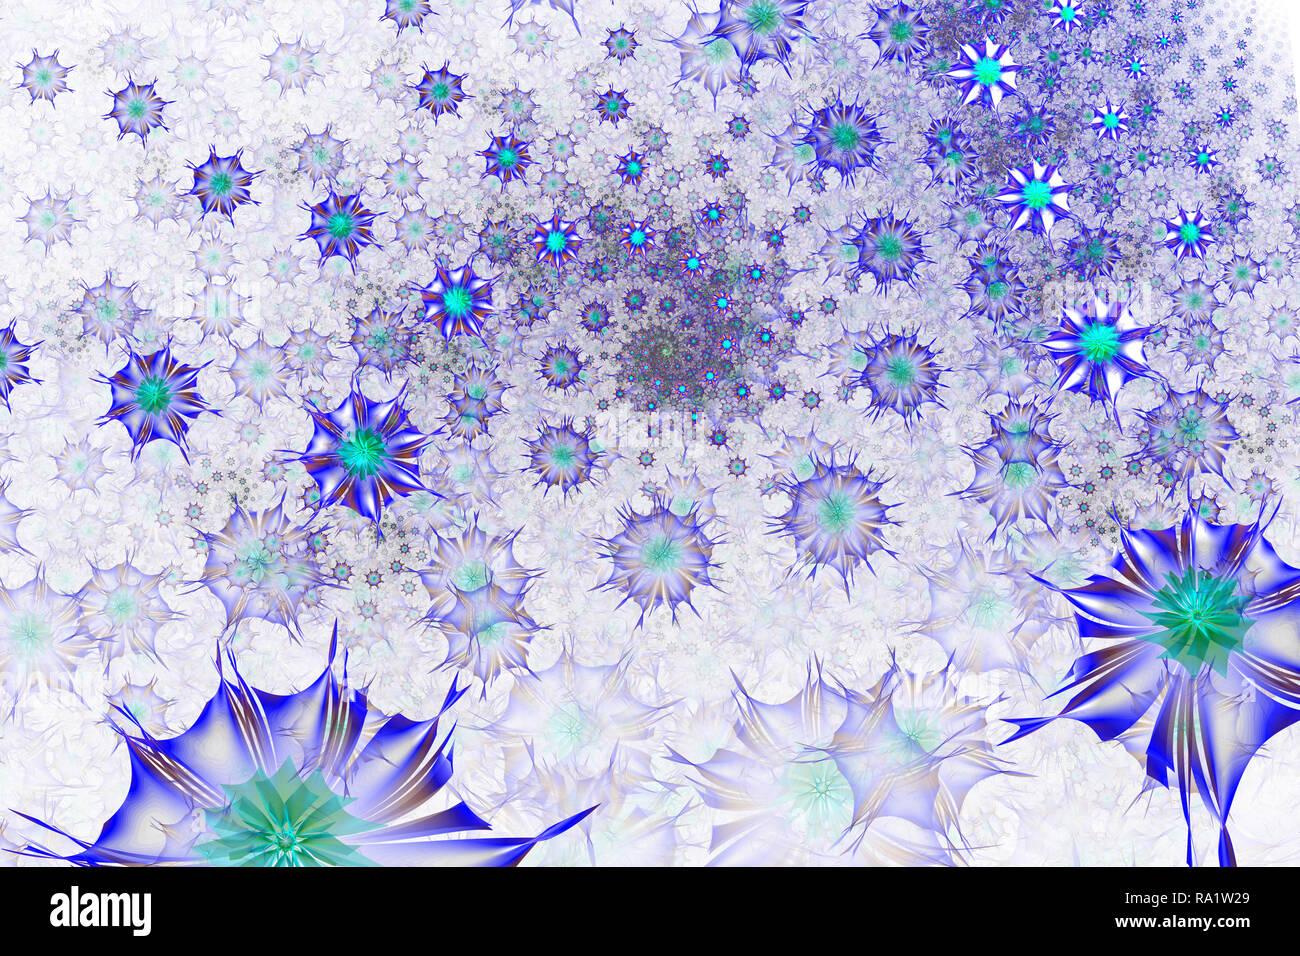 Colorate Daisy fractal design. Fiore astratto a spirale. Ddigital artwork per grafica creativa. Danza dei fiorai. Misterioso relaxa psichedelico Immagini Stock